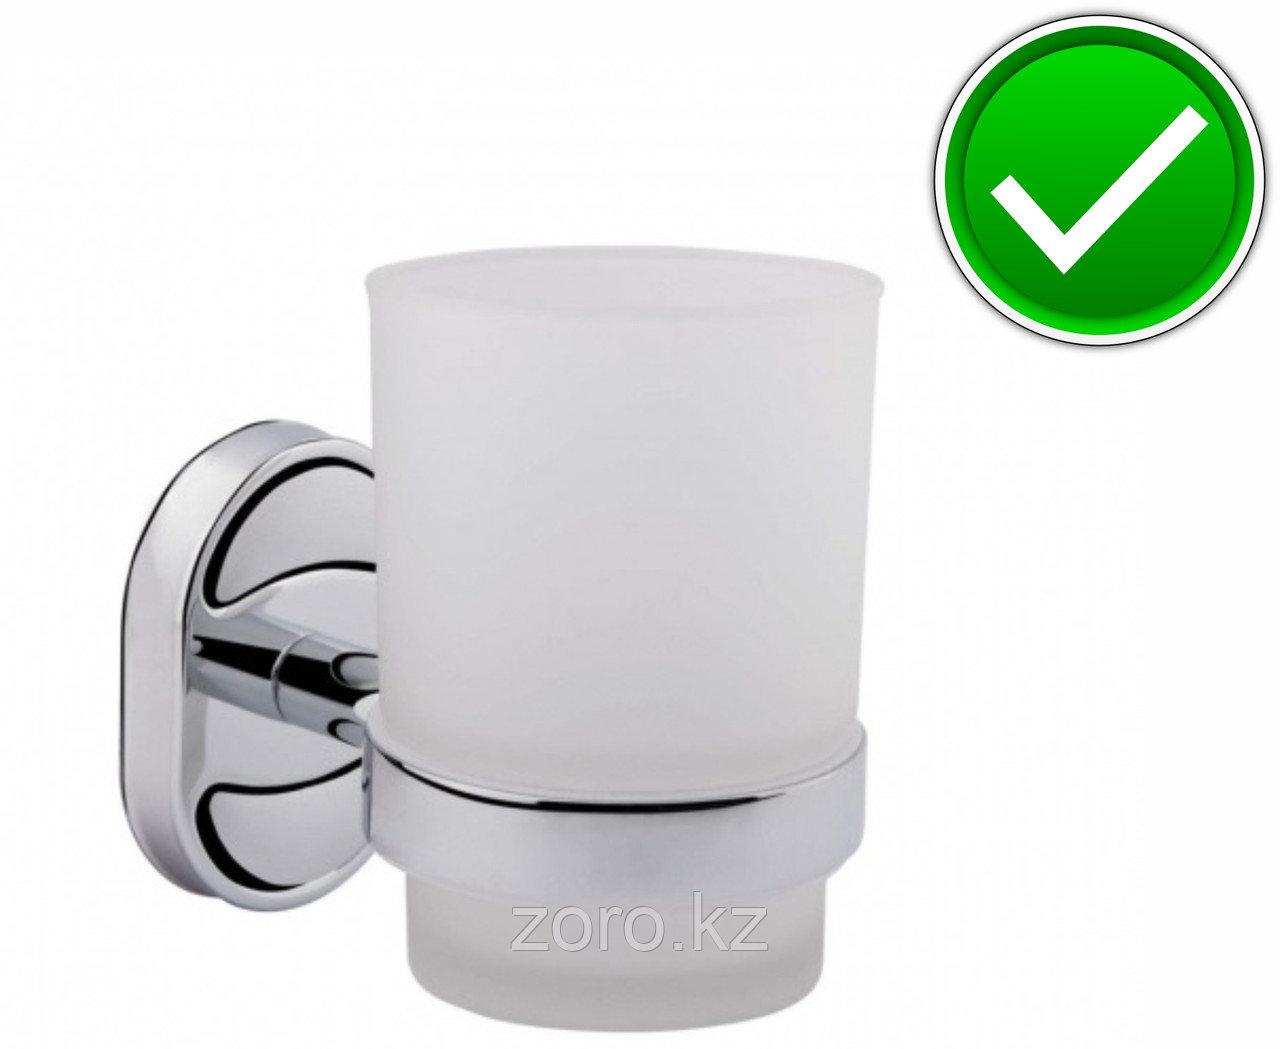 Настенный стакан для зубной пасты, щеток и.т.д